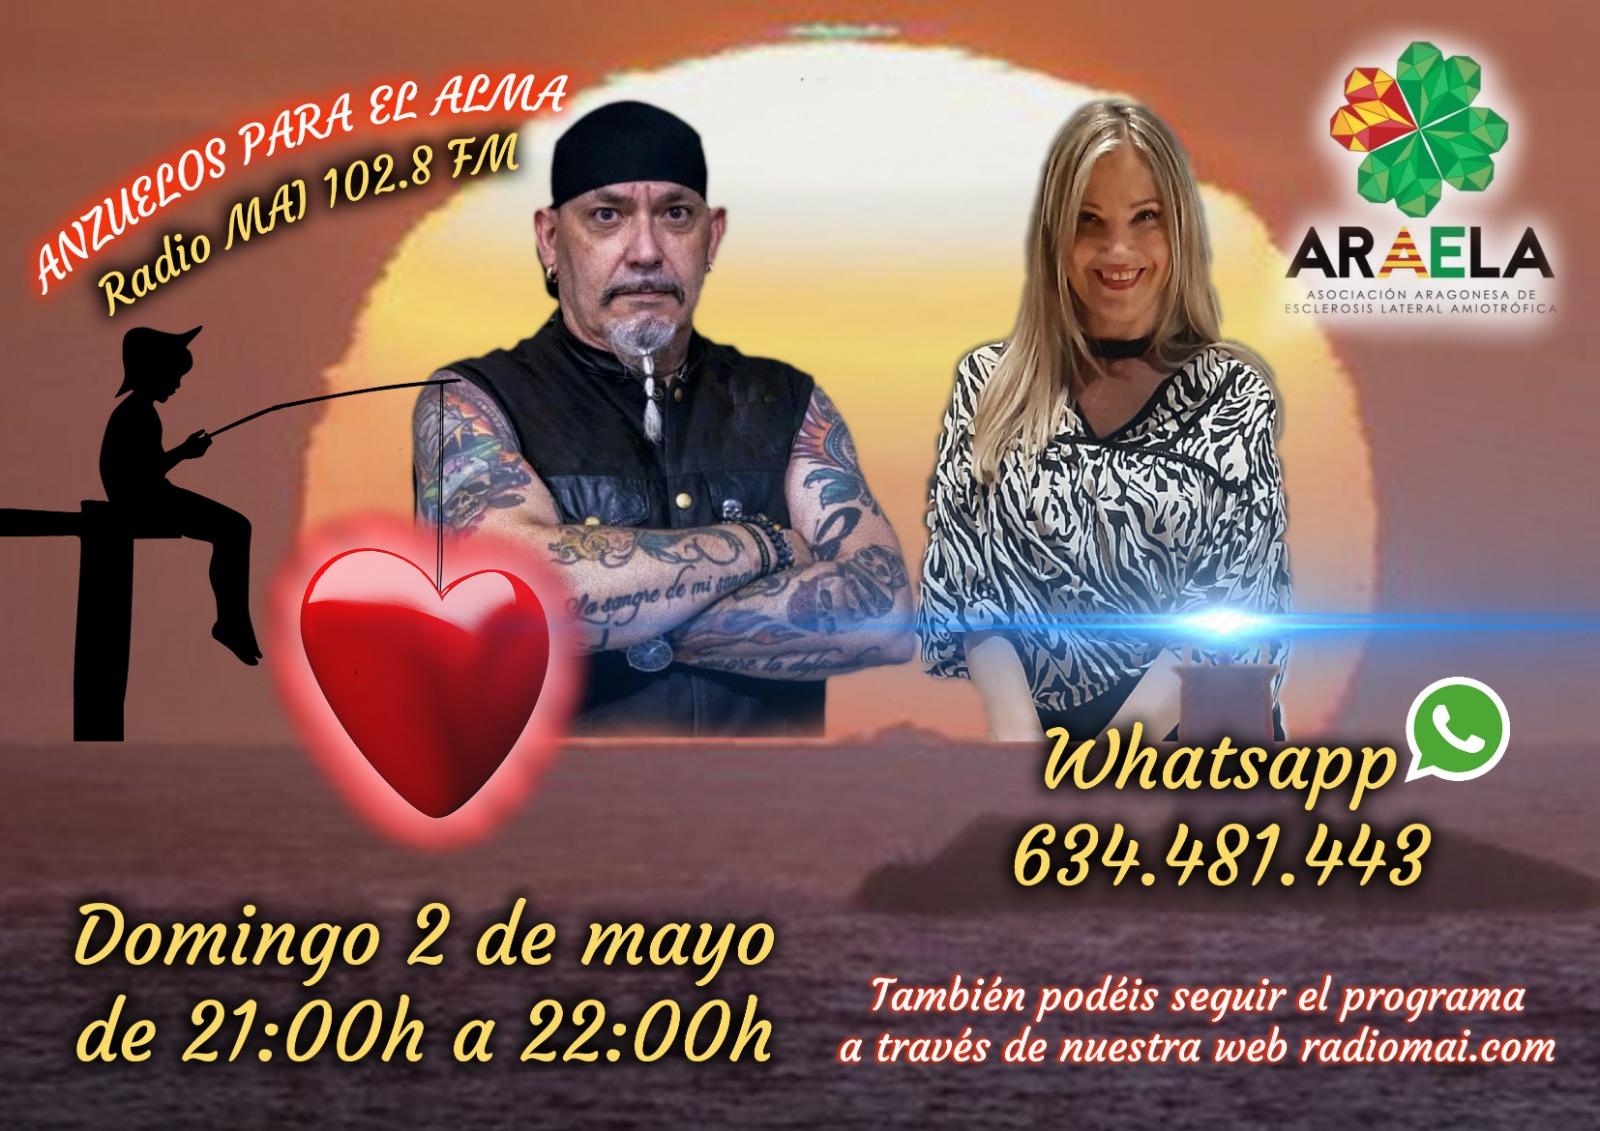 ARAELA en Anzuelos para el alma